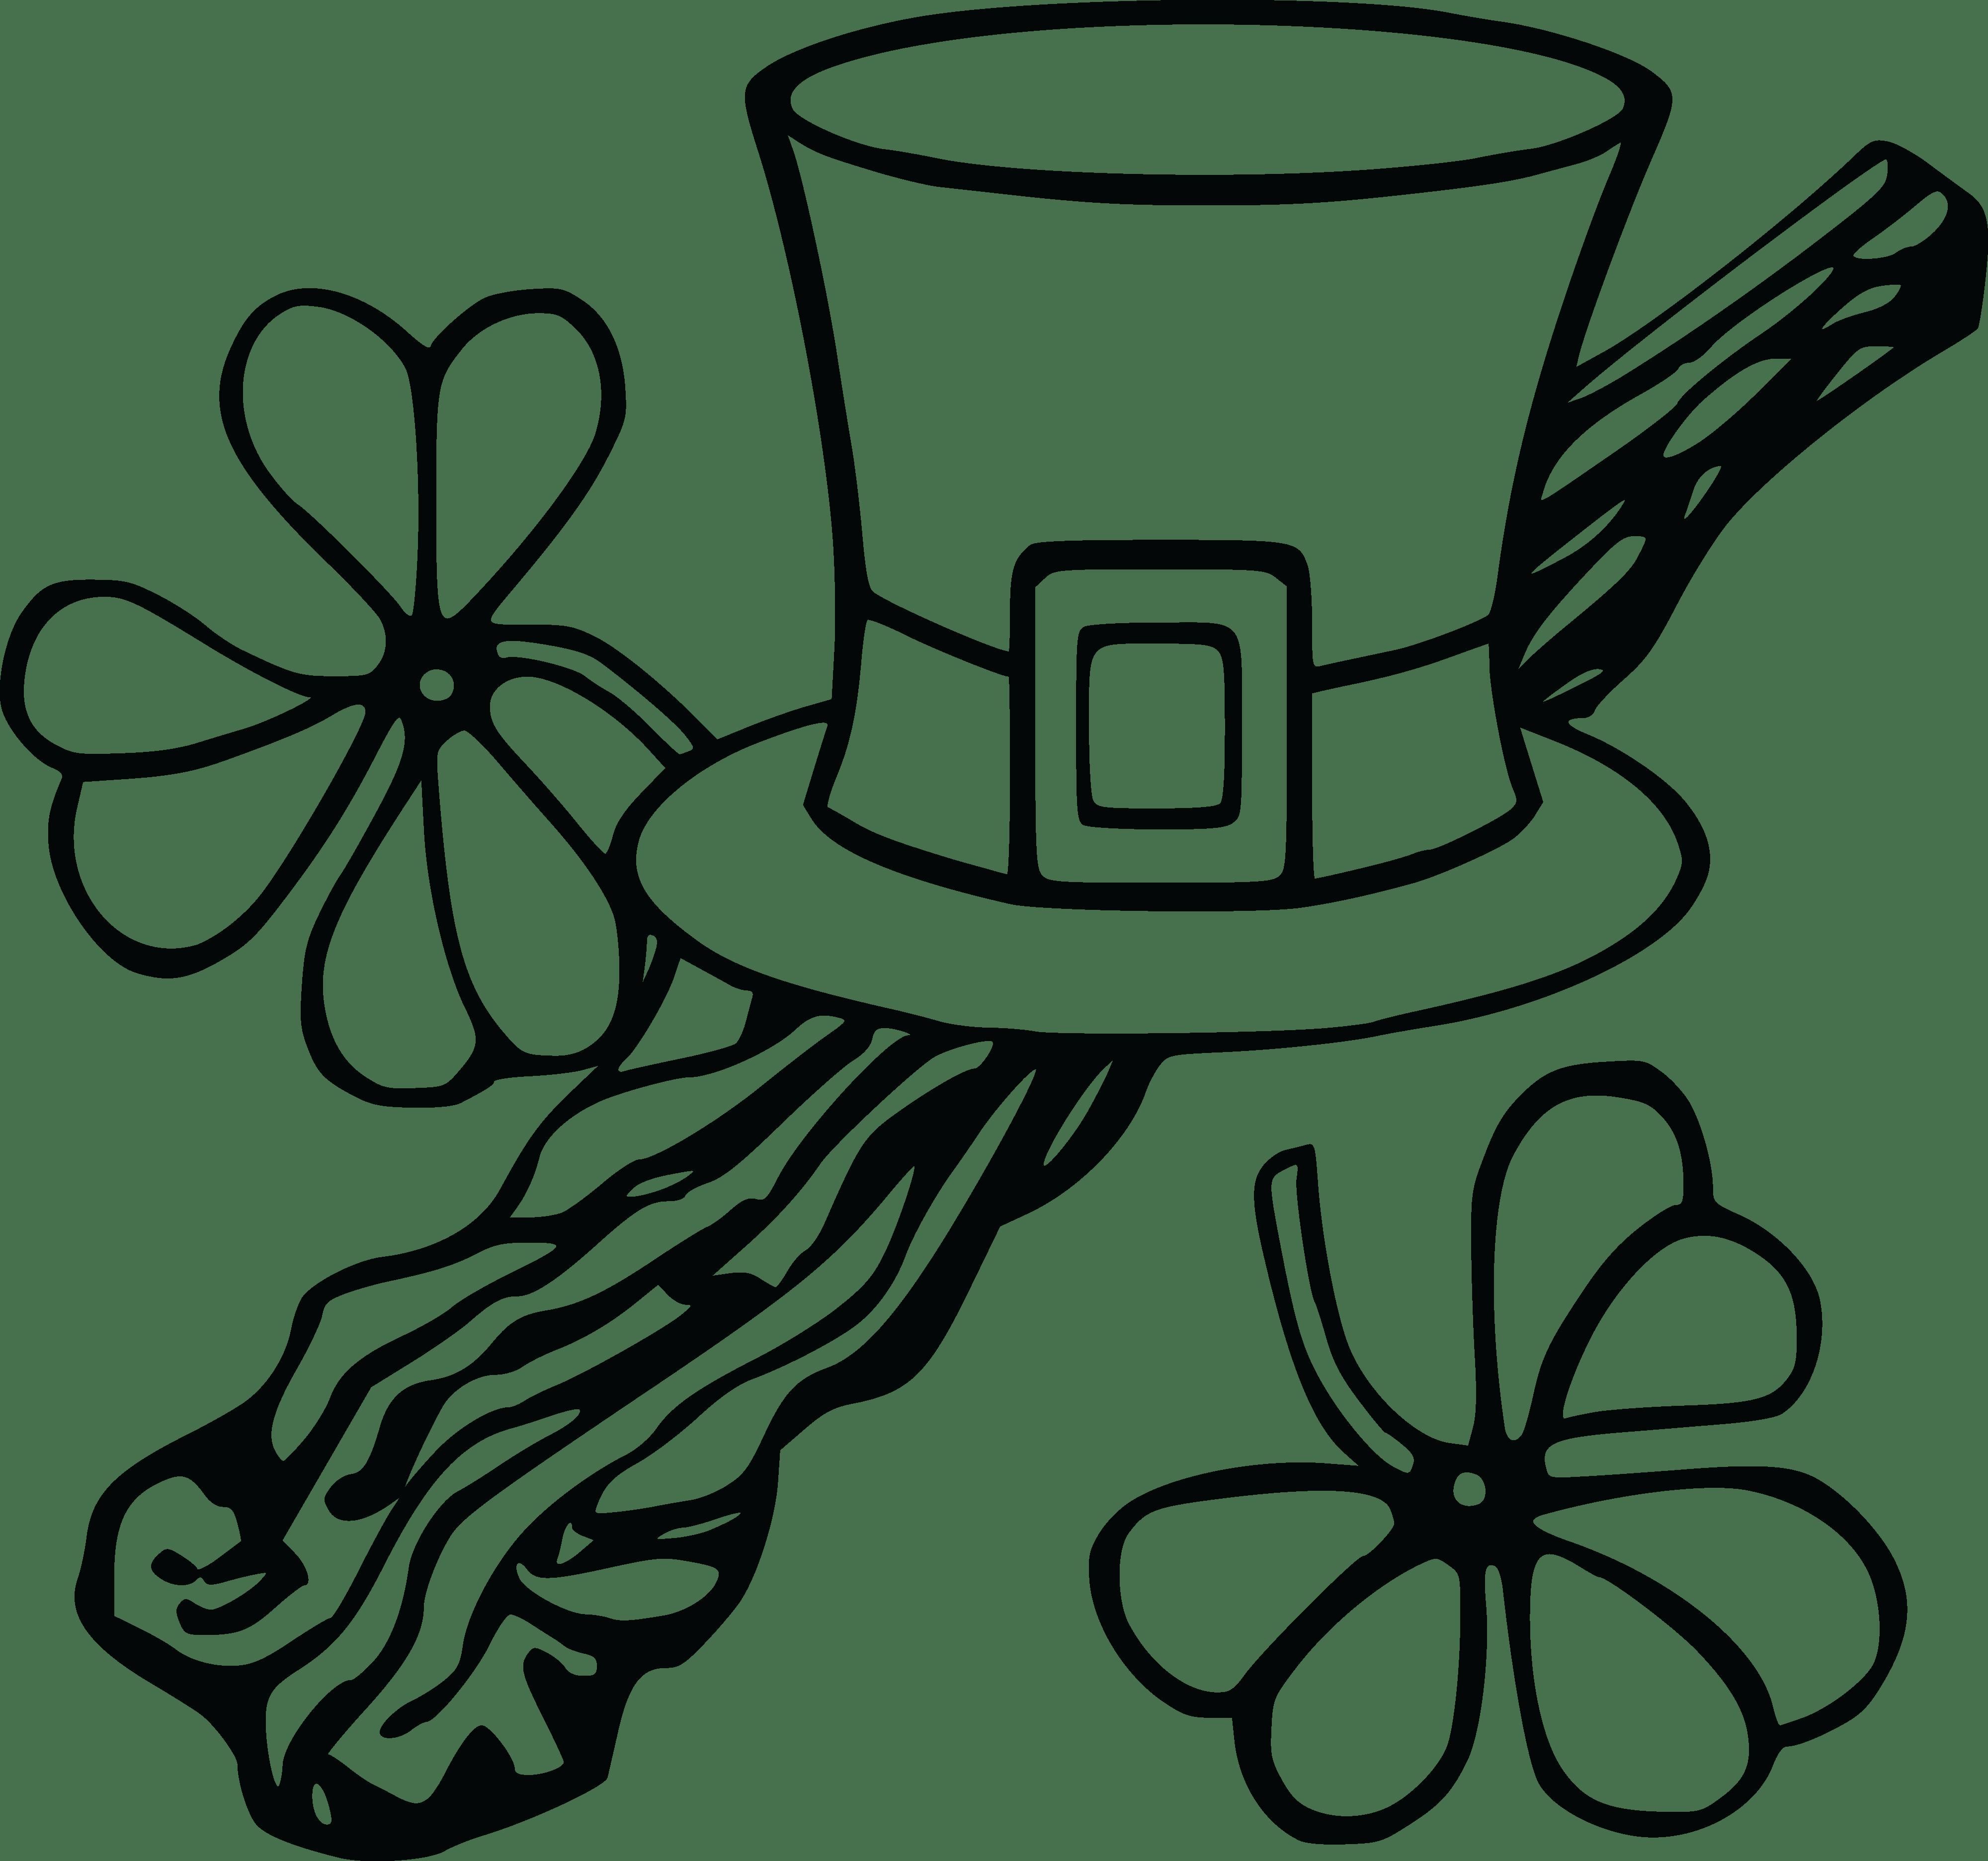 Scandinavian Folk Art Vector Download Free Vectors Clipart